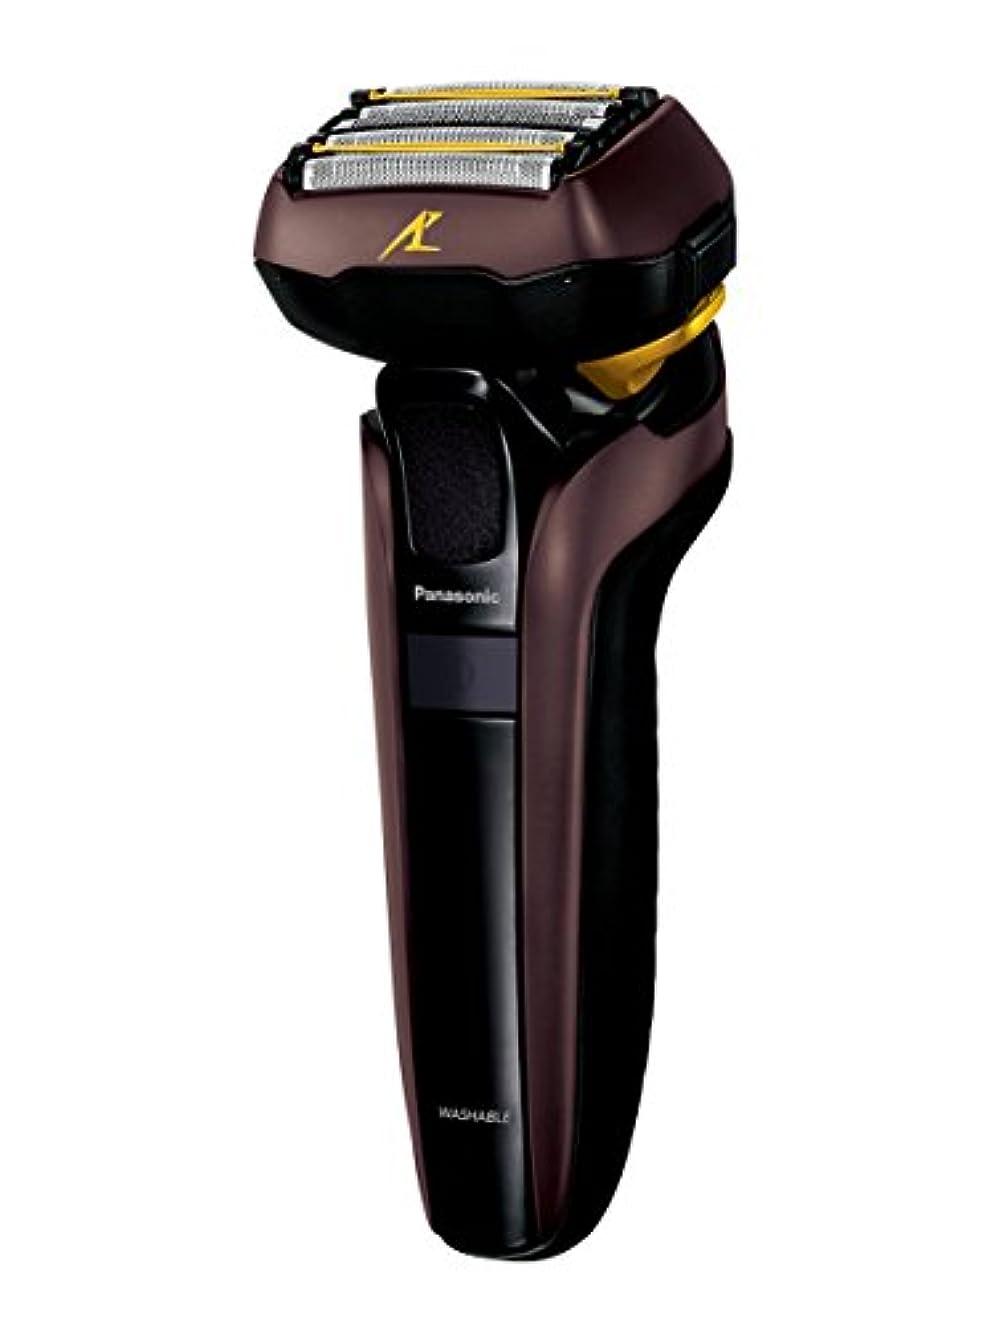 ビデオツーリスト羽パナソニック ラムダッシュ メンズシェーバー 5枚刃 茶 ES-CLV7D-T